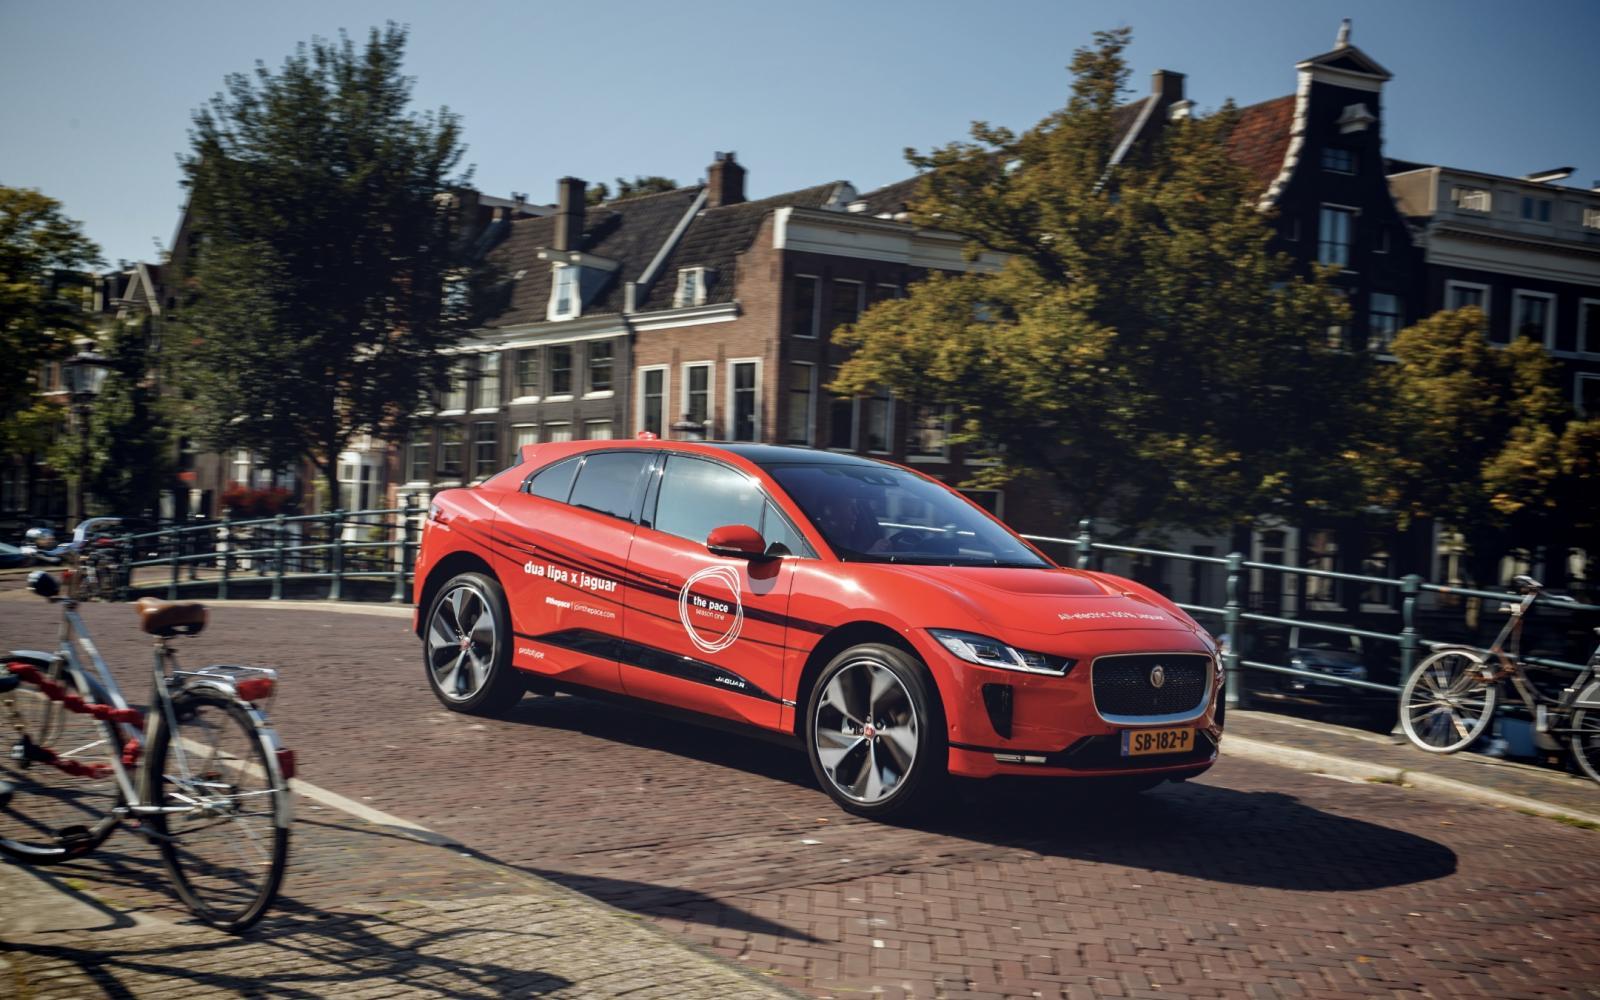 Jaguar I-Pace thuis sneller opladen met 'mini-snellader'